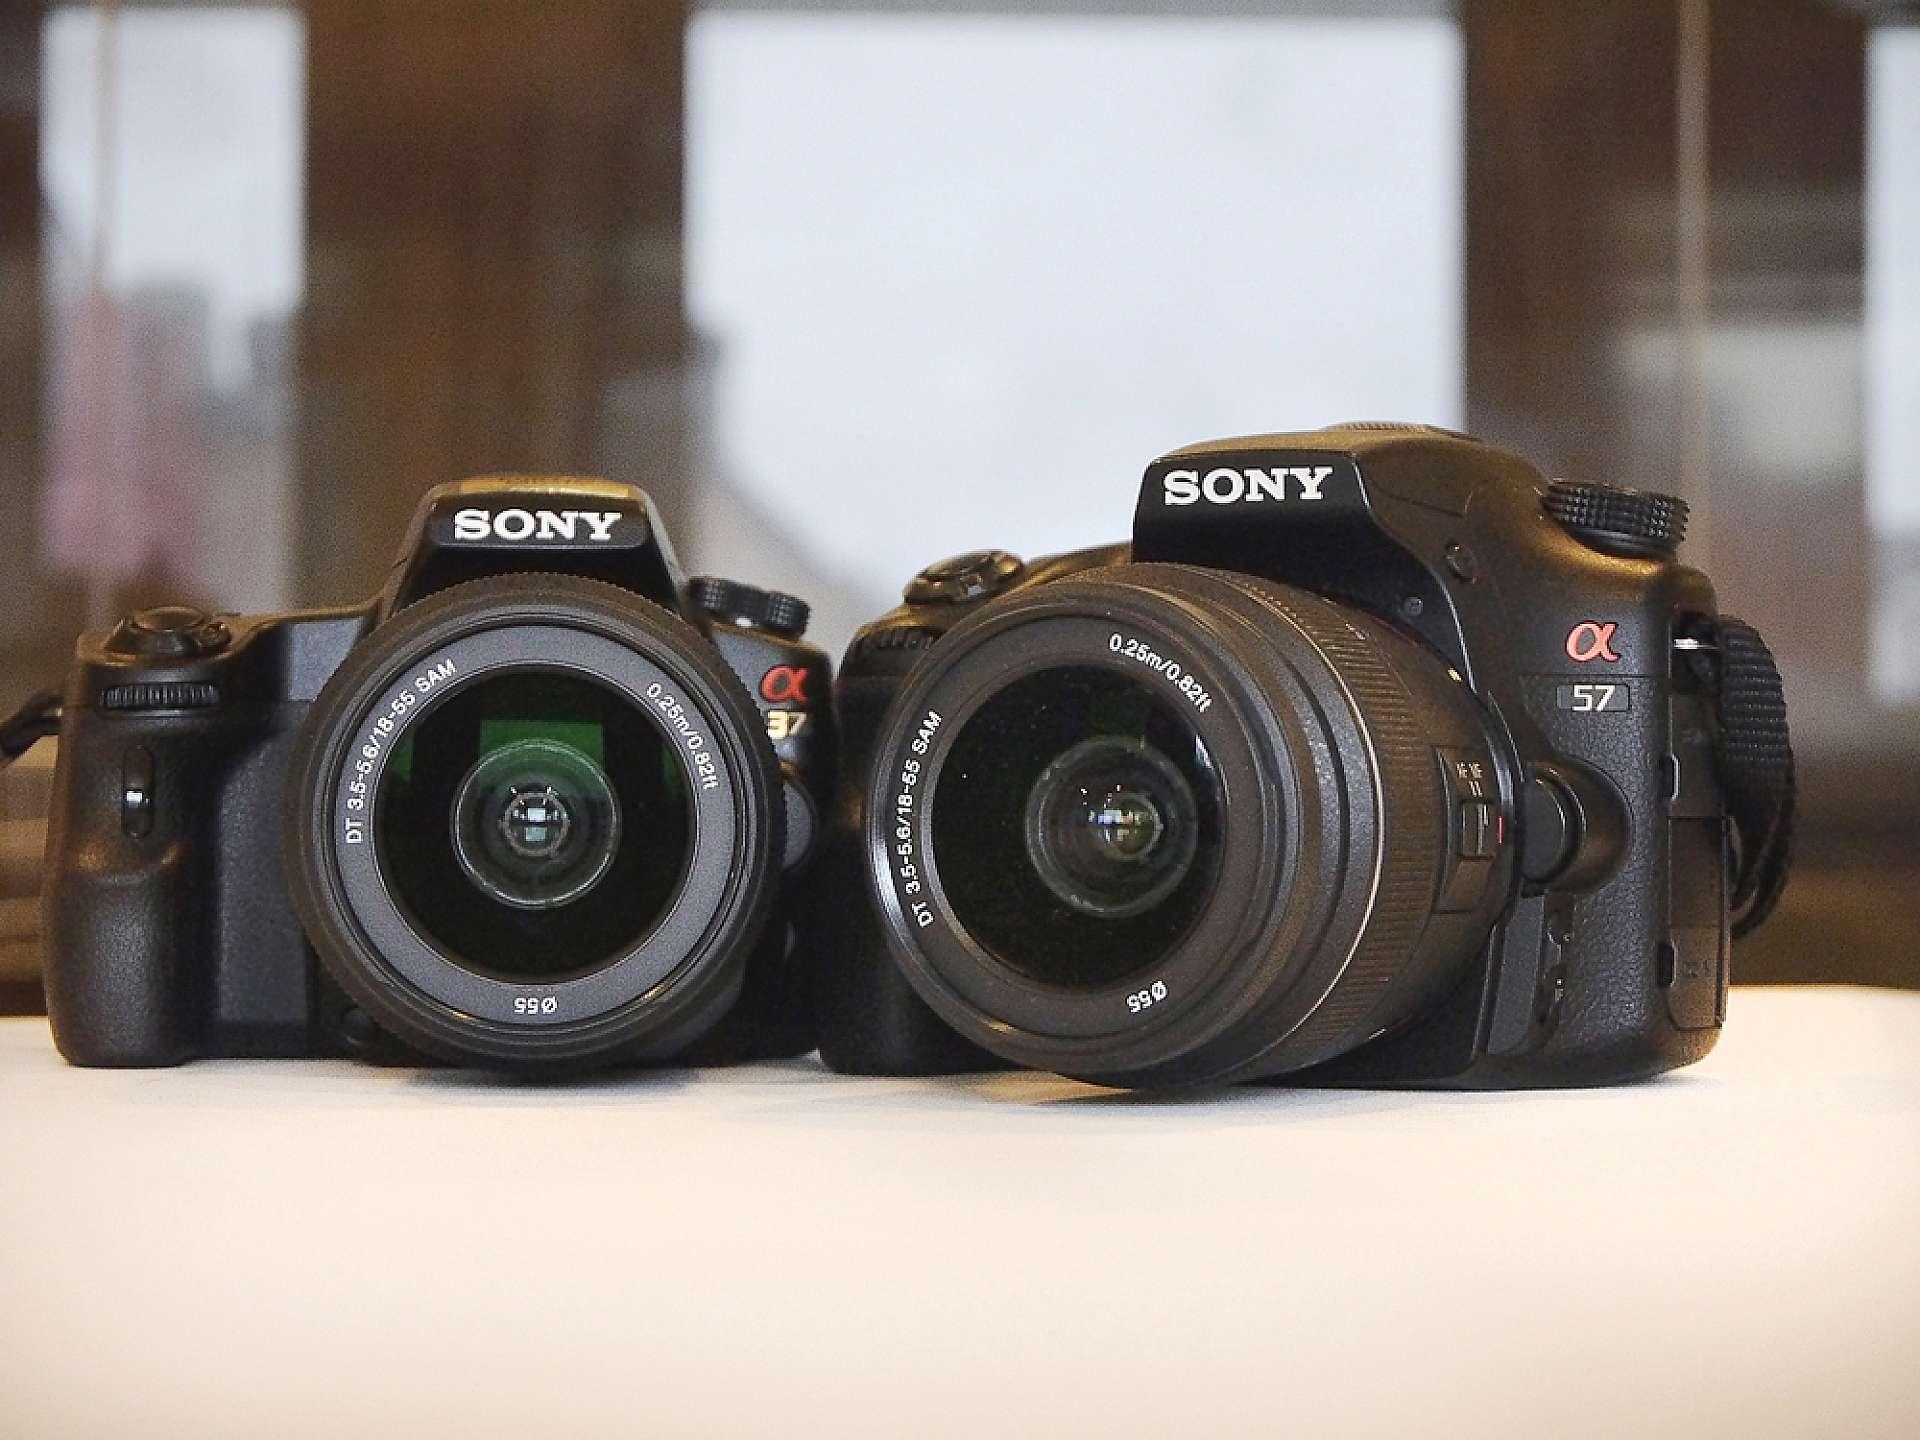 Enkel kamera med manga positiva sidor